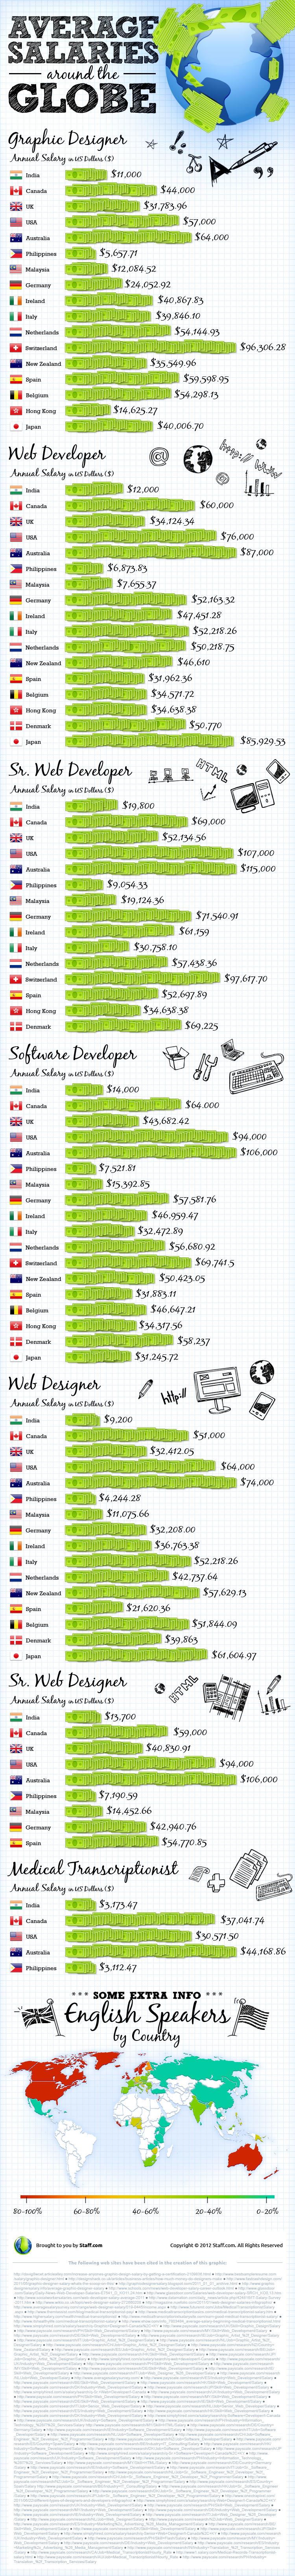 Average Salaries Around the Globe